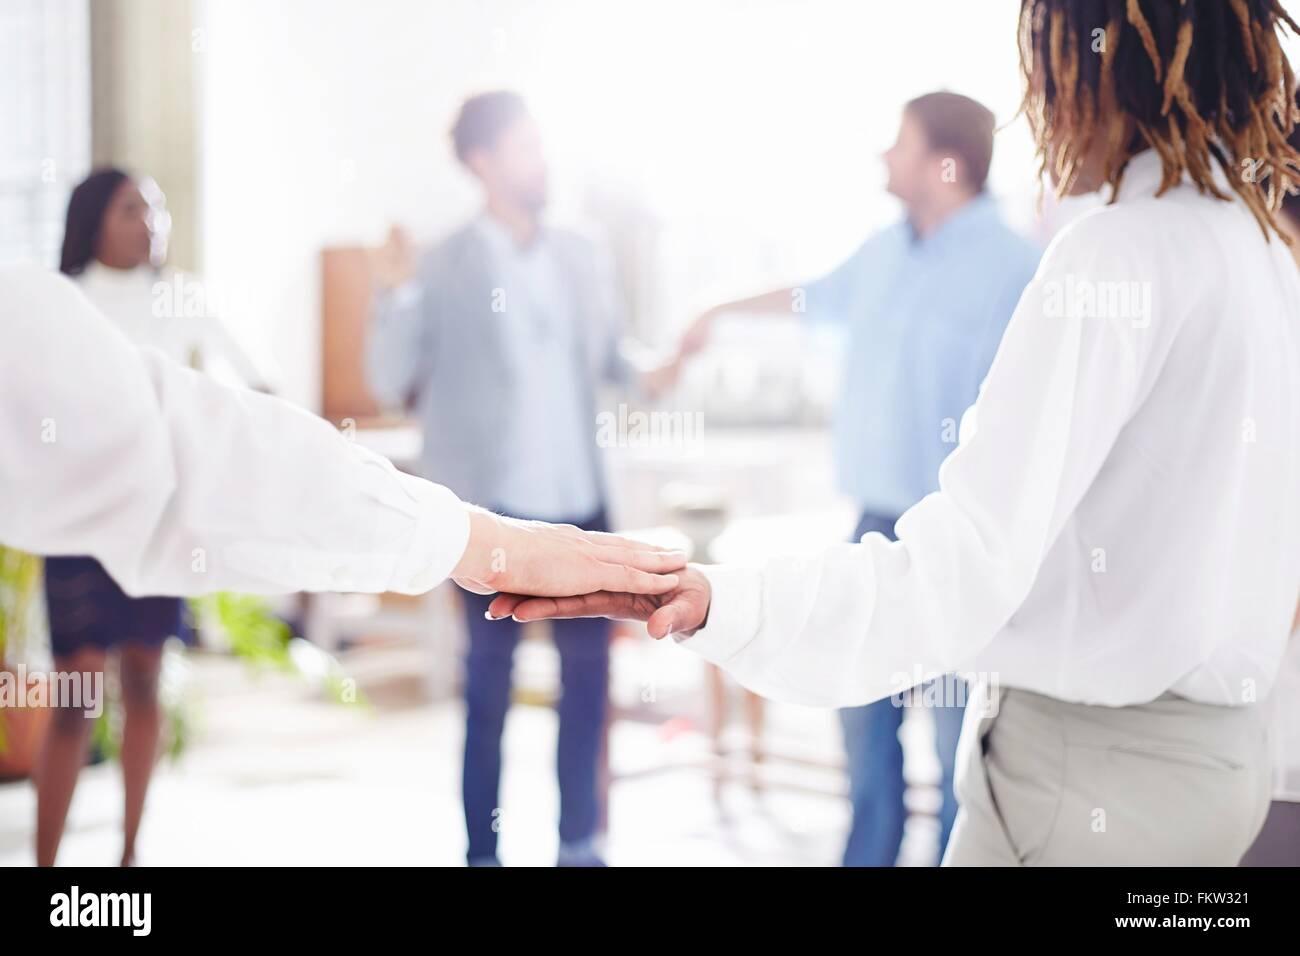 Kolleginnen und Kollegen im Team-building Aufgabe stehen im Kreis, die Hand in Hand Stockbild